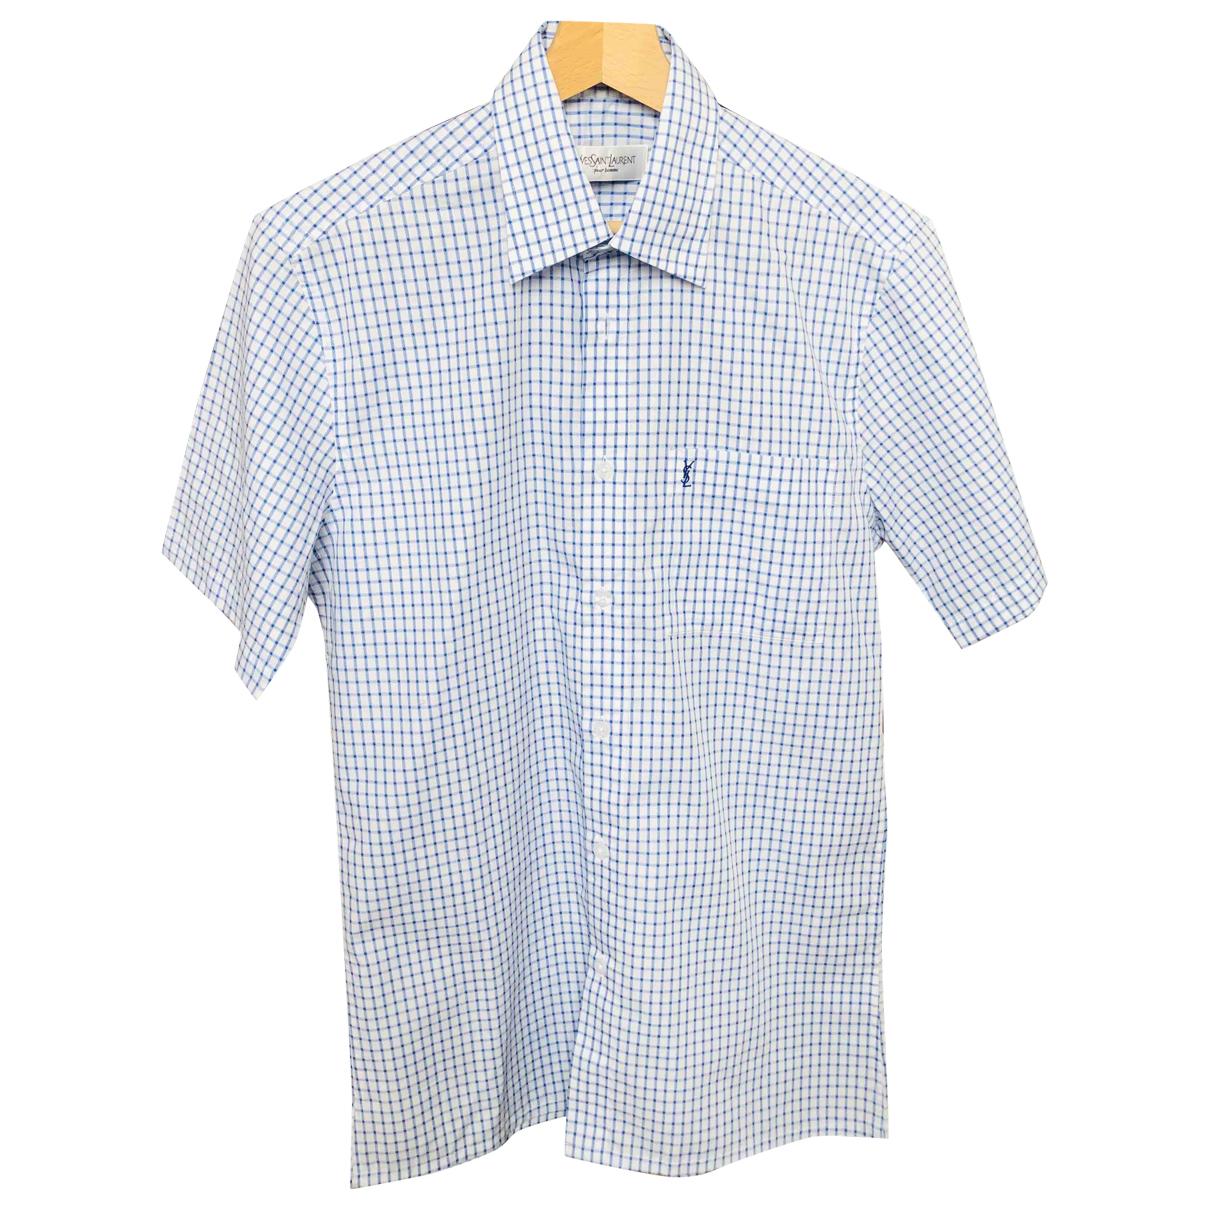 Yves Saint Laurent \N White Shirts for Men S International